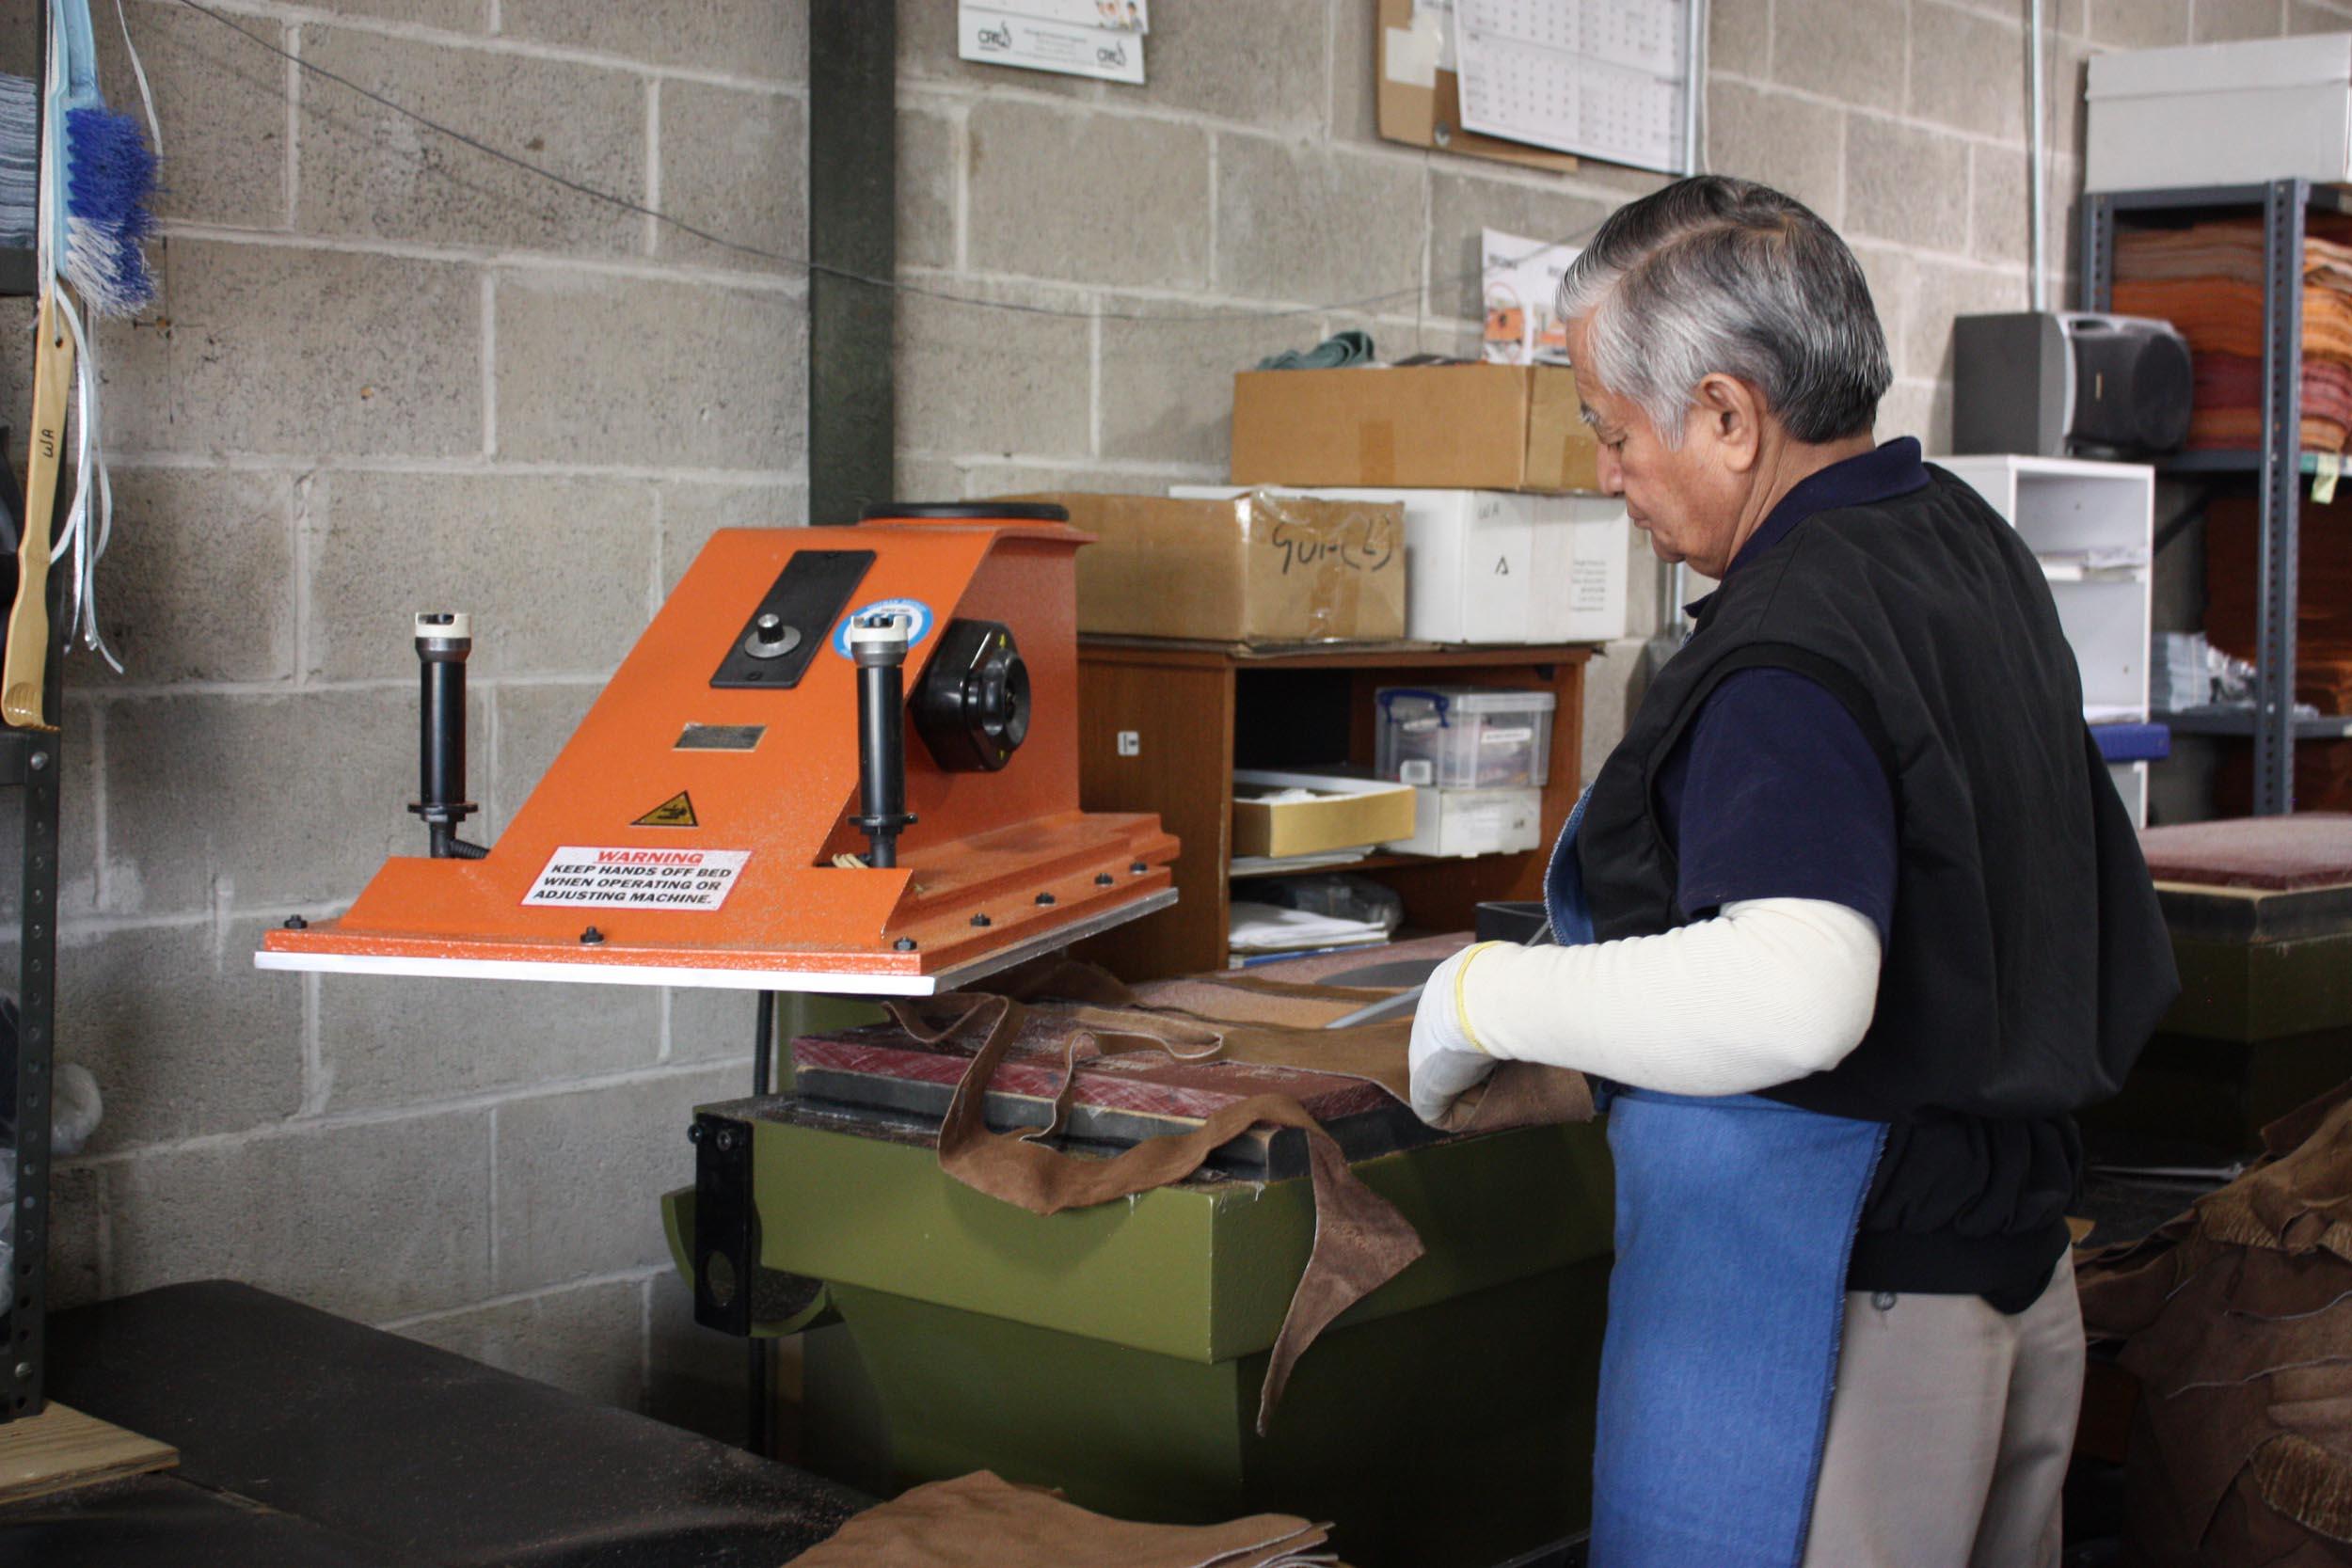 Diecutting fabric on a heavy duty press.